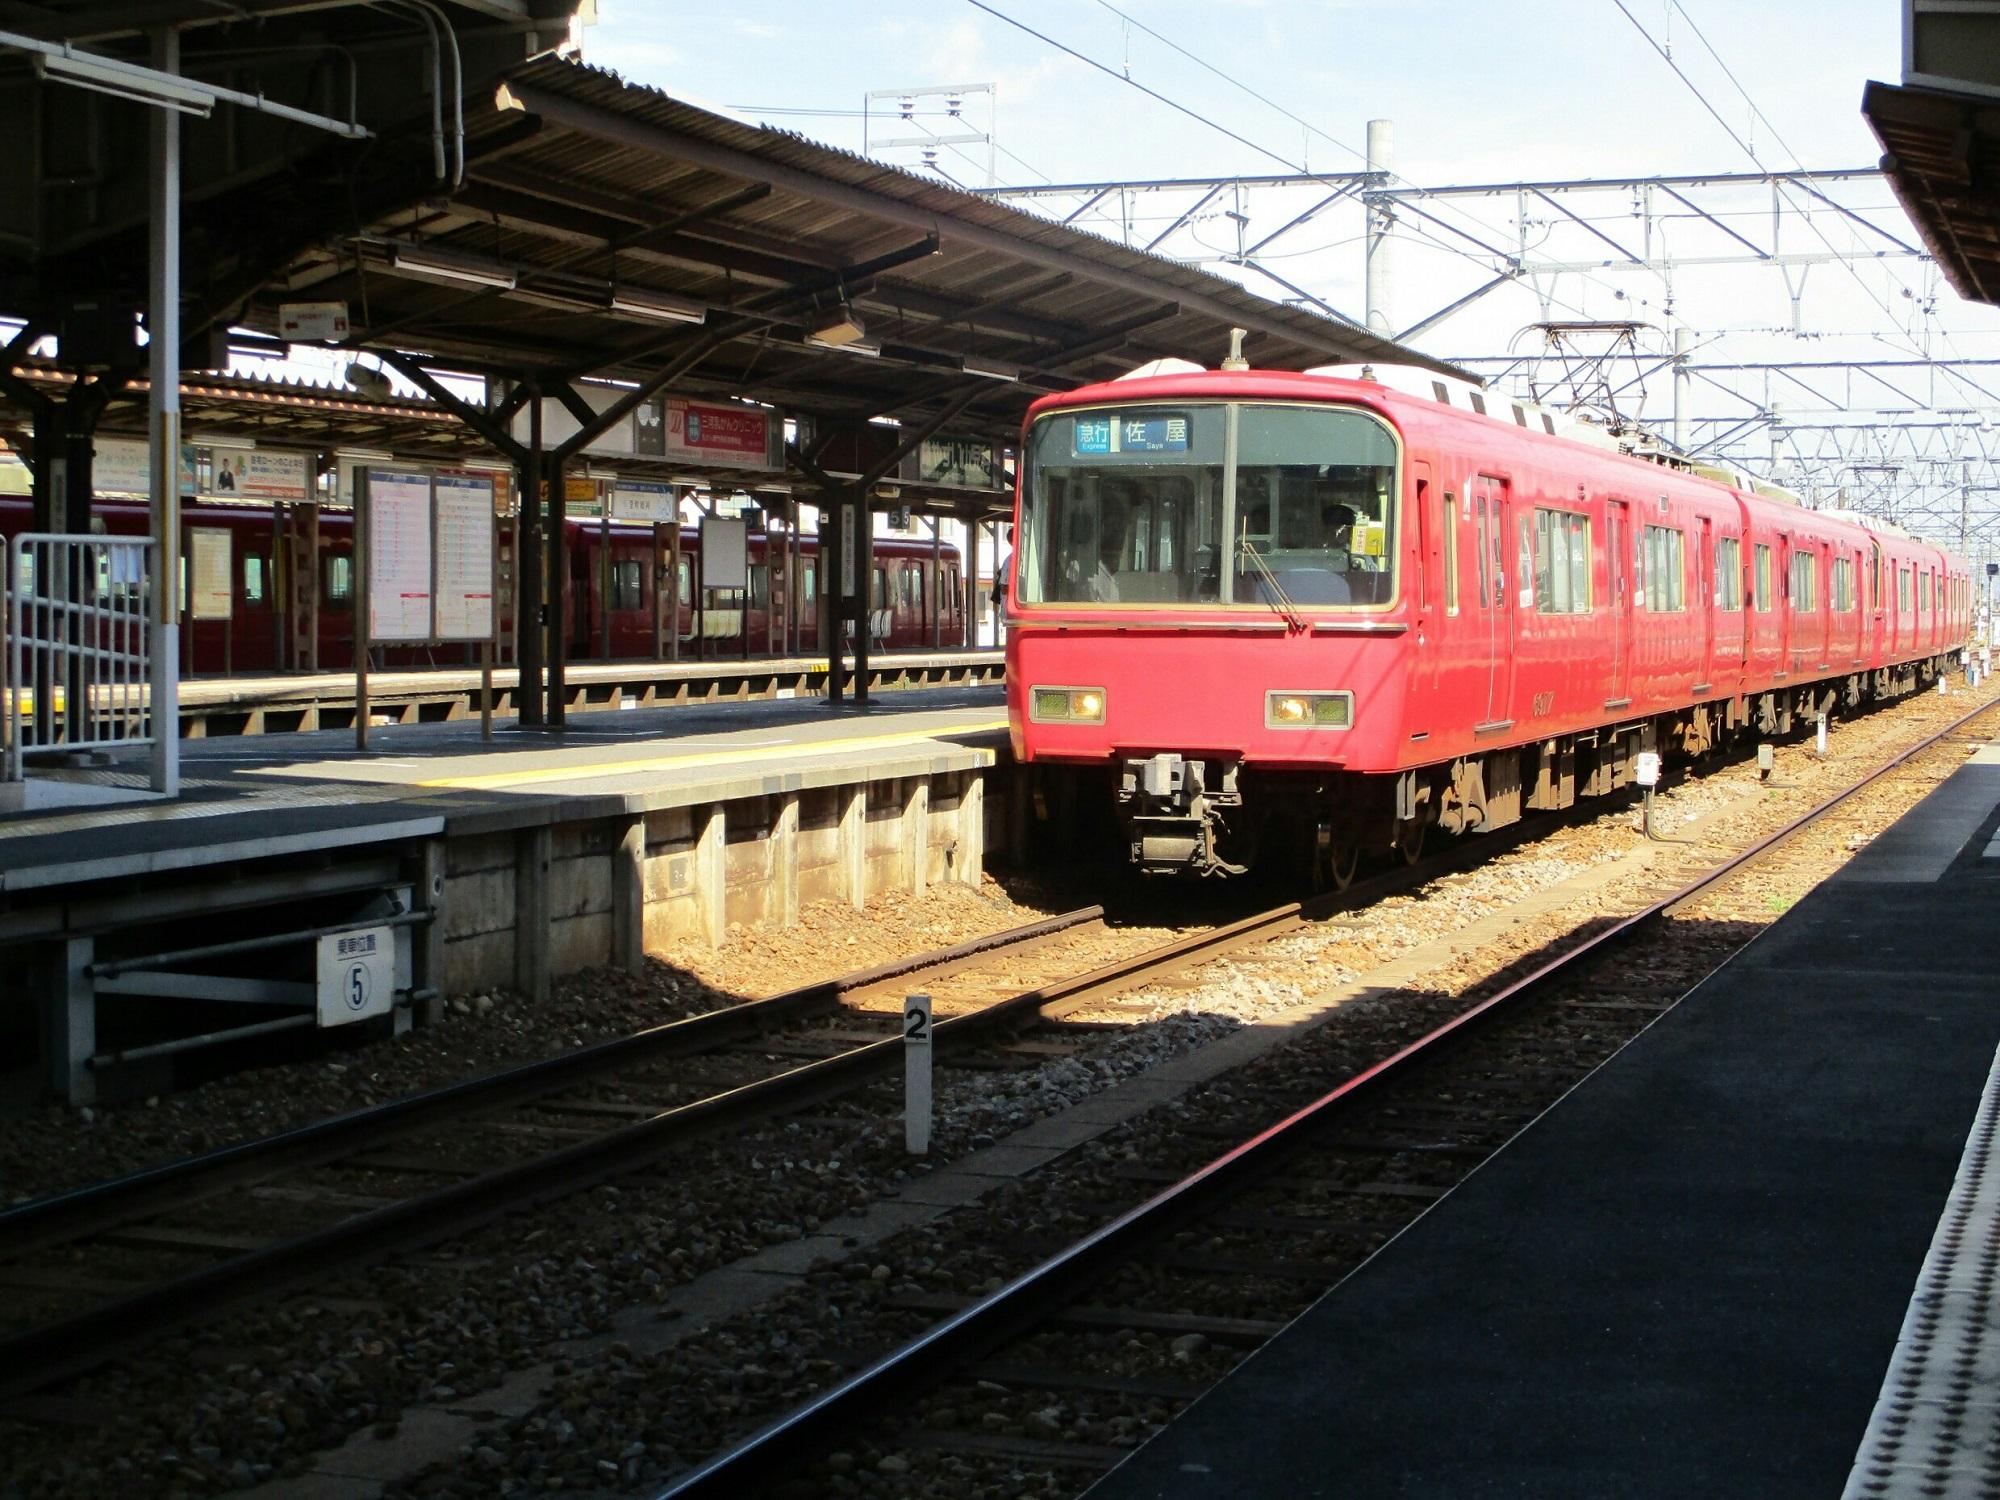 2018.7.23 (13) しんあんじょう - 佐屋いき急行 2000-1500